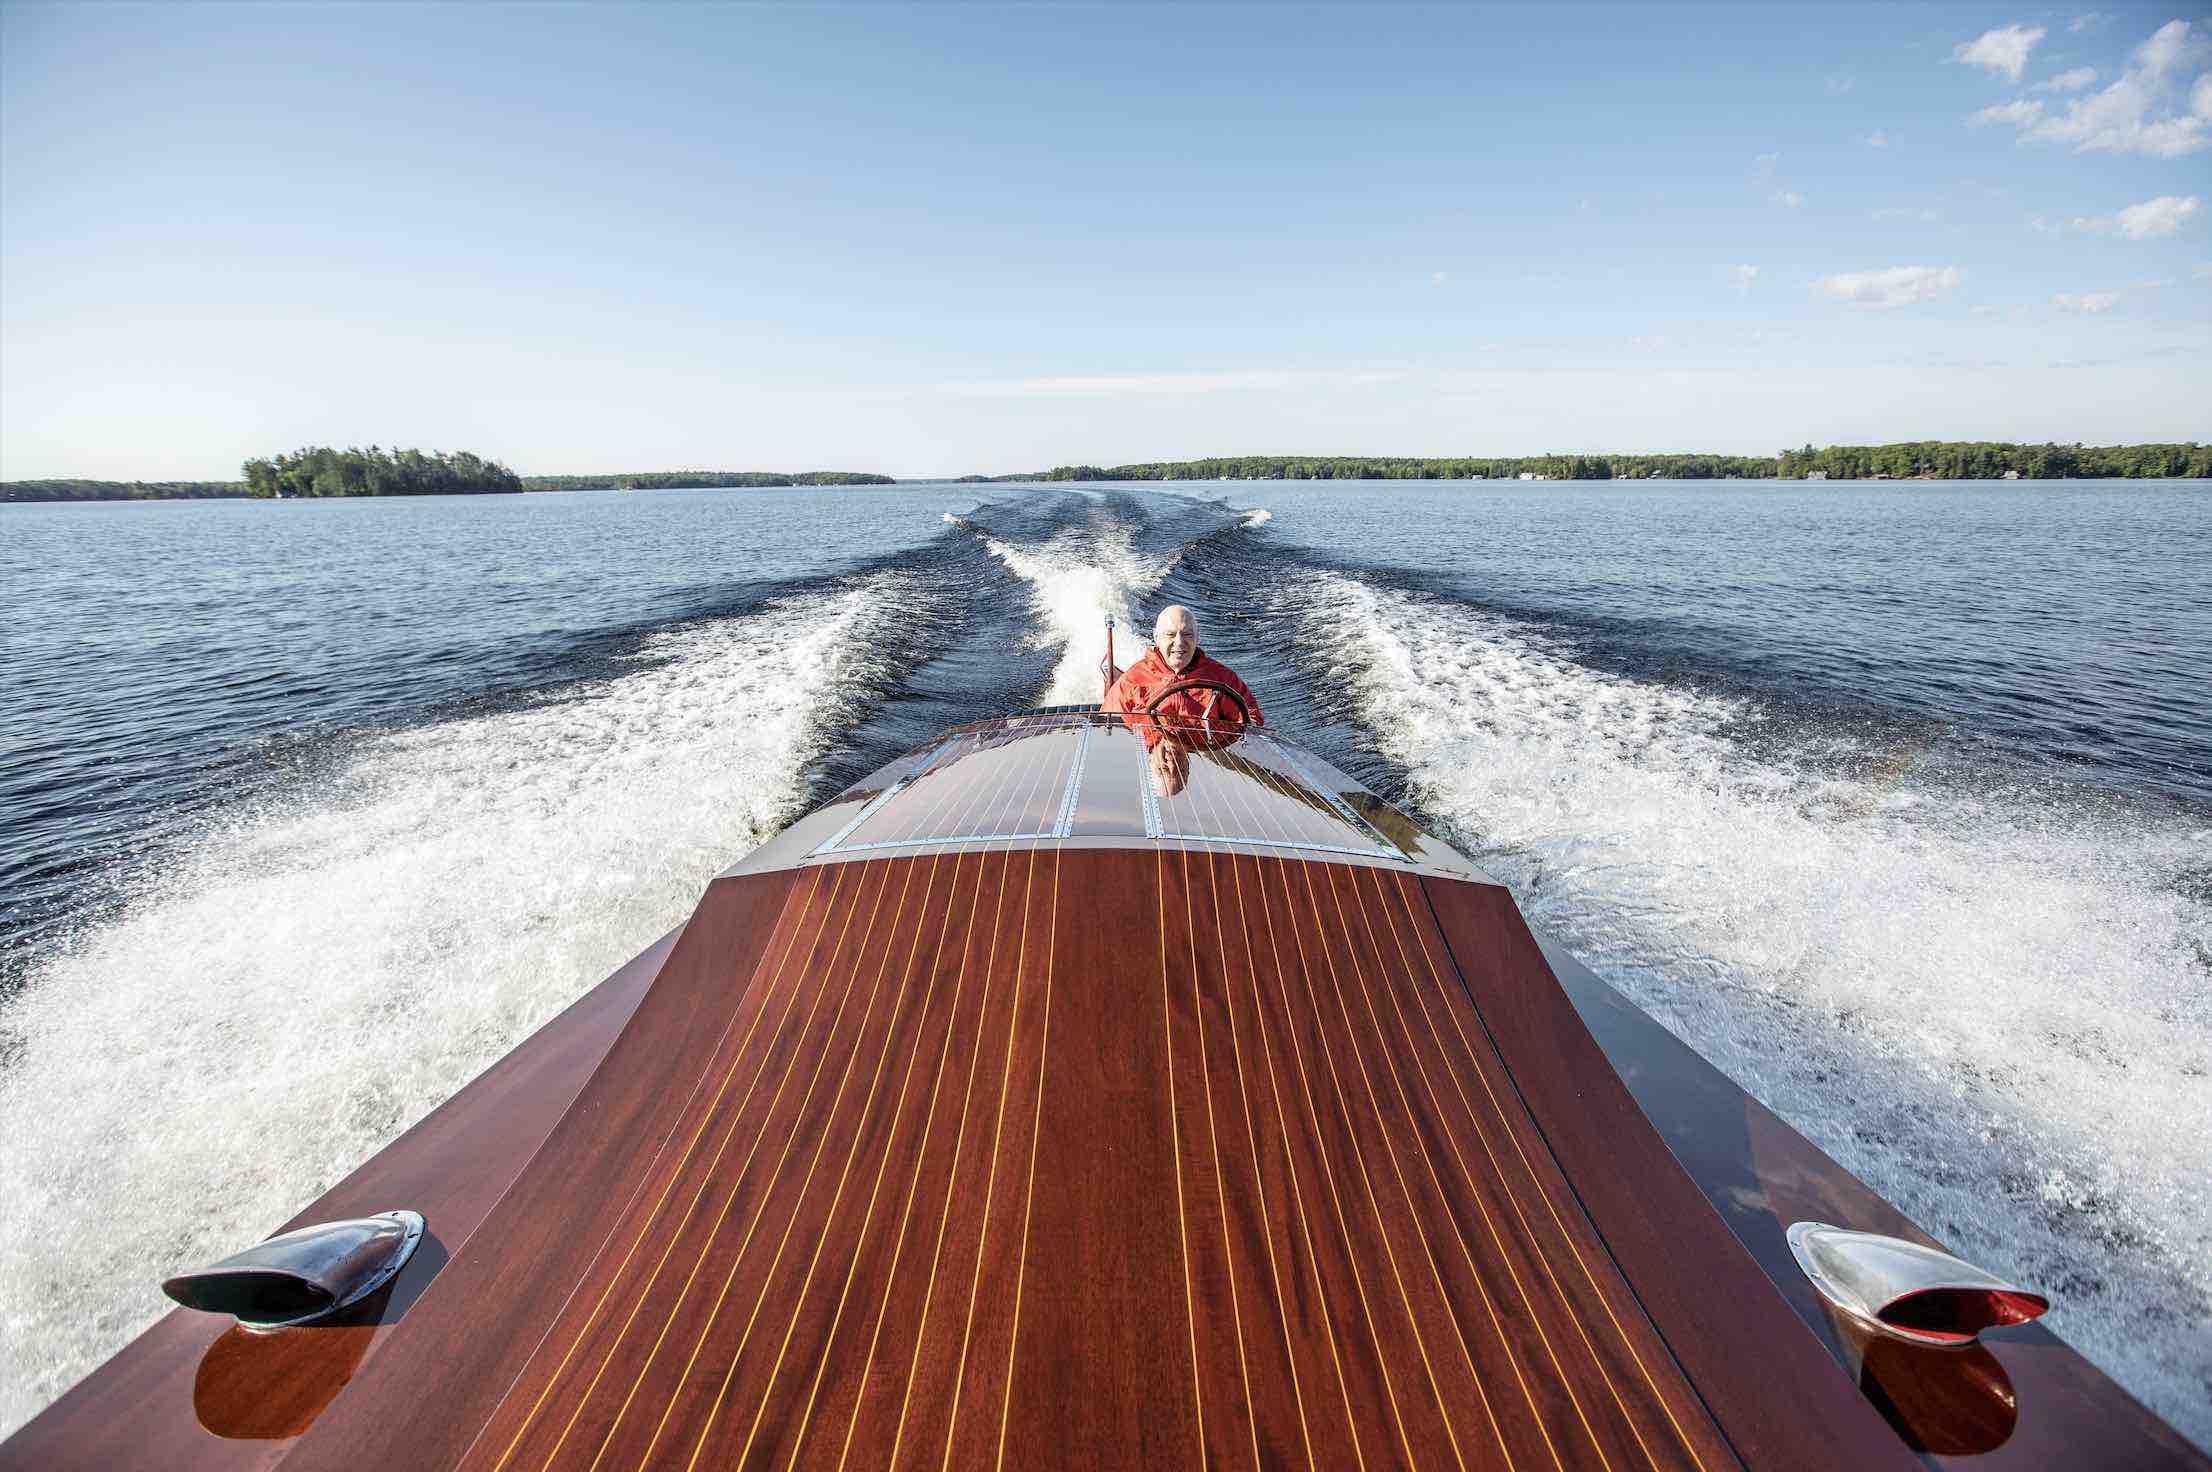 Miss Supertest III racing across the lake